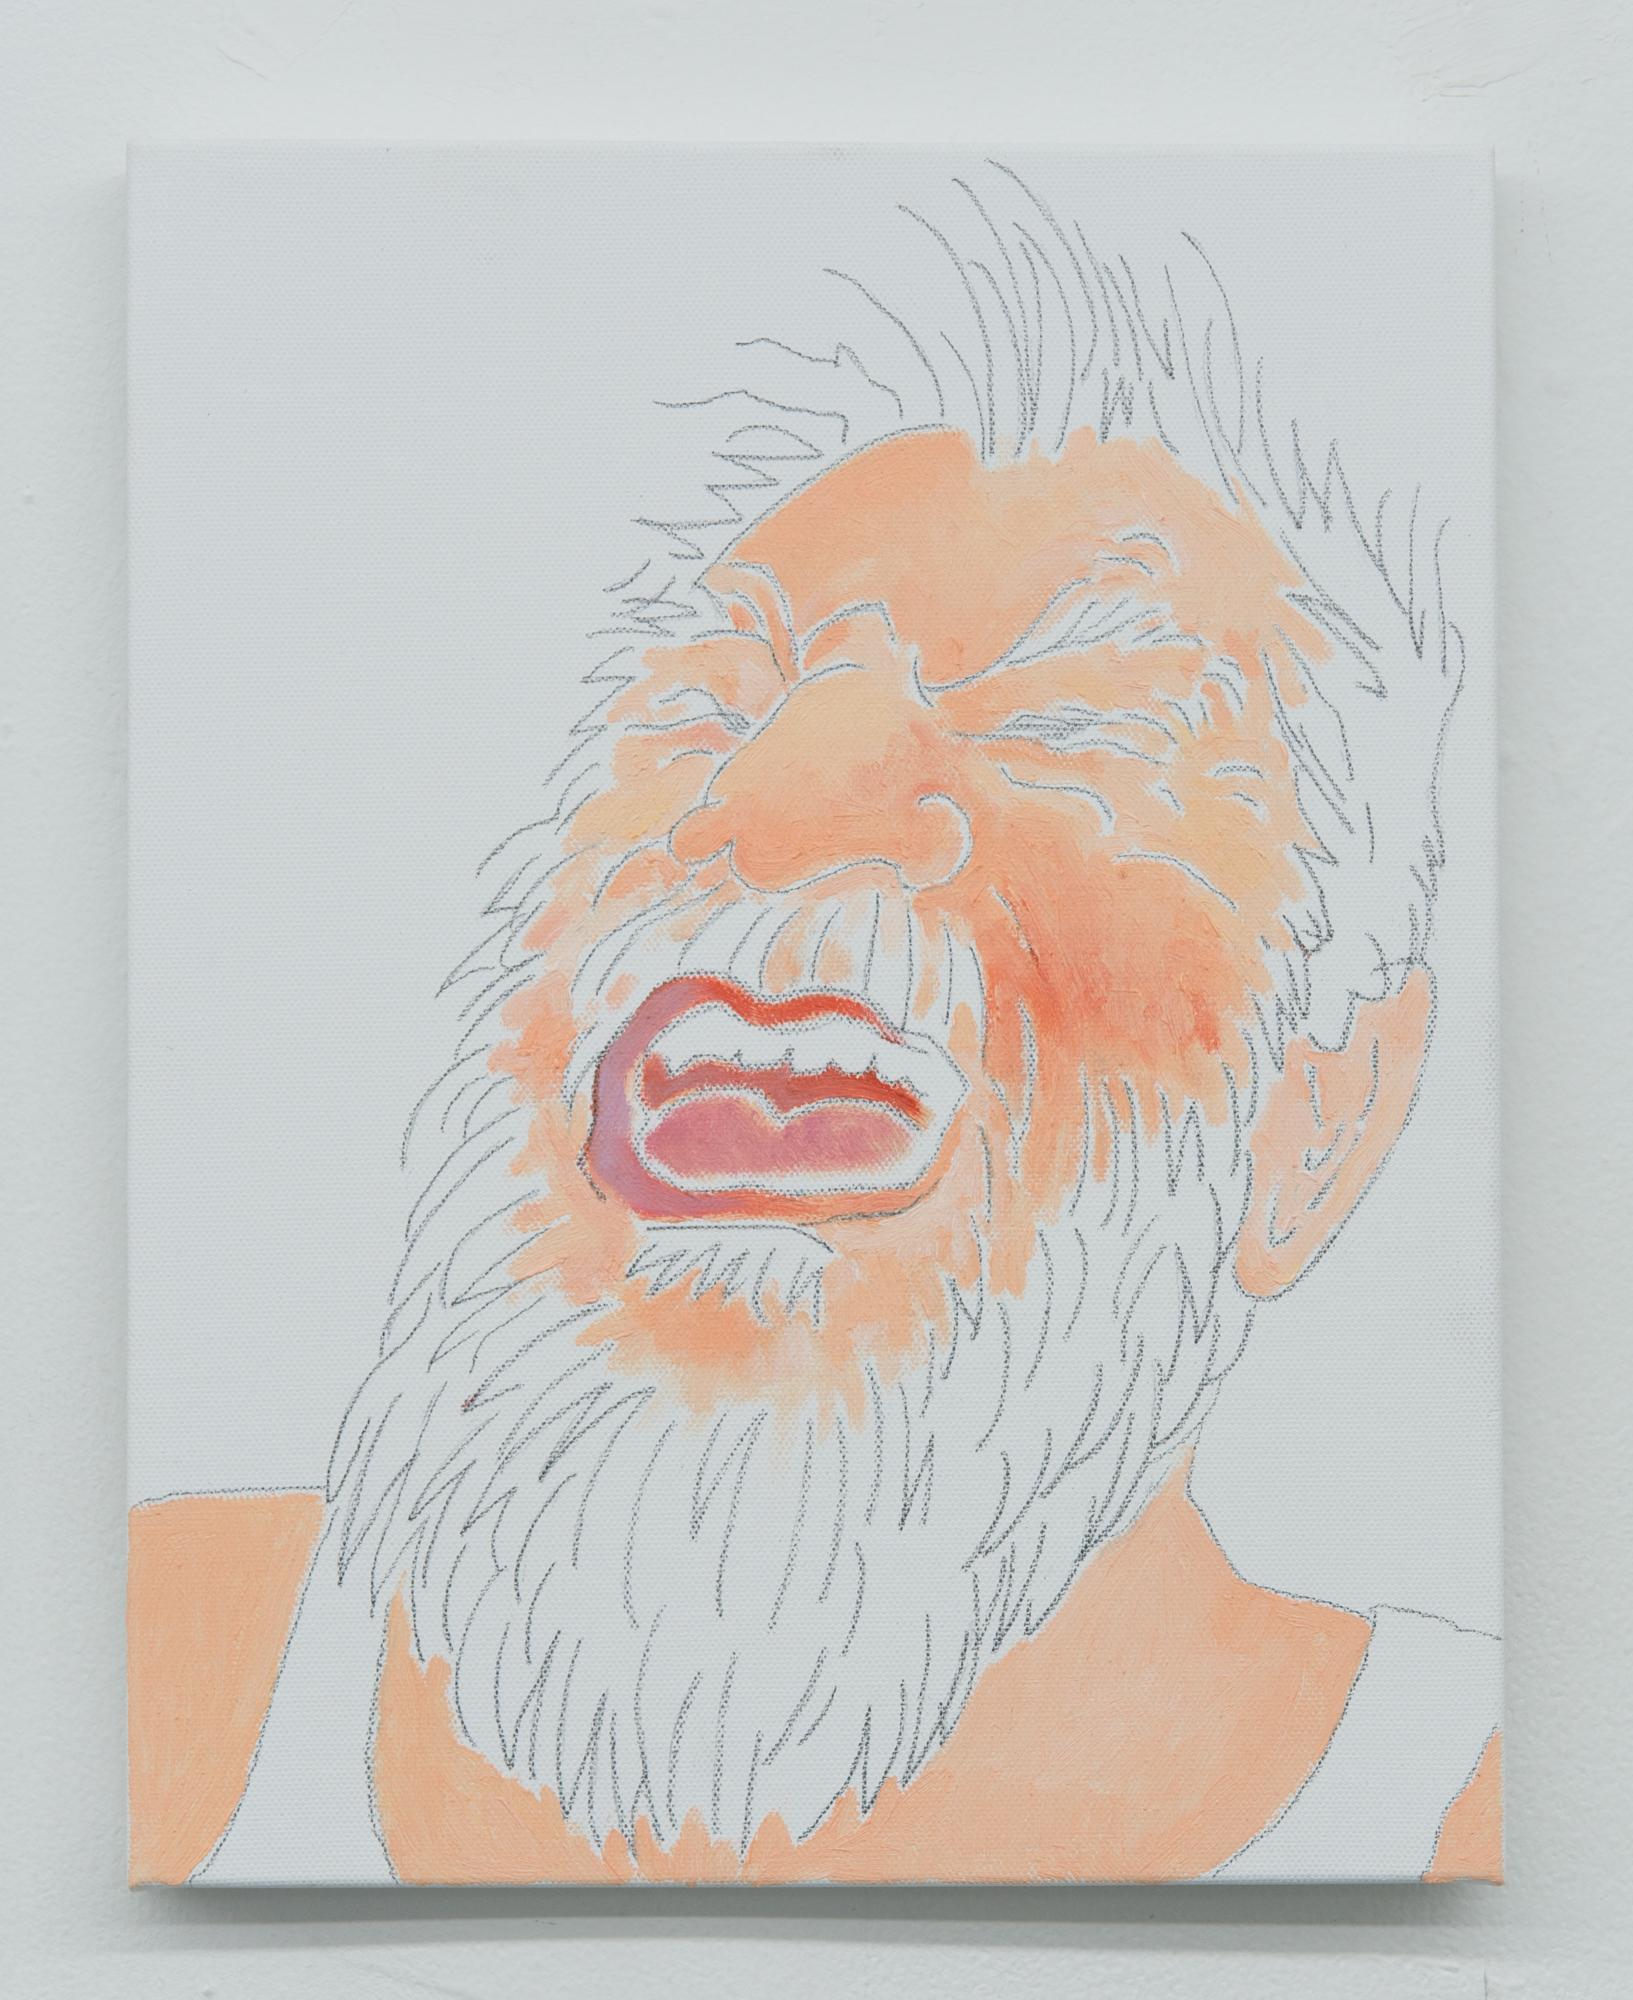 Mieko Meguro, Dan , 2017, oil and graphite on canvas, 14 x 11 in